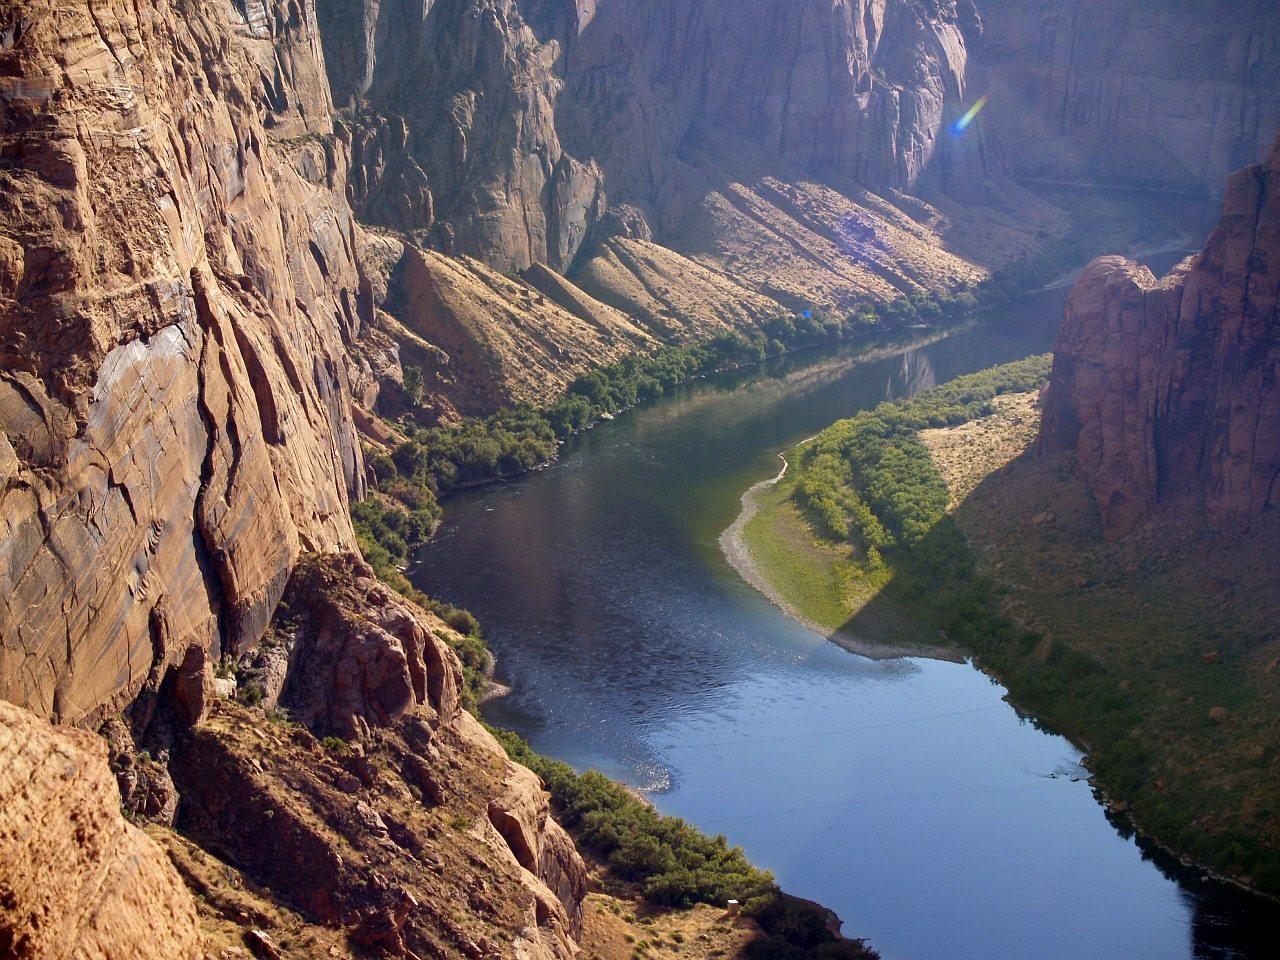 colorado river at glen canyon